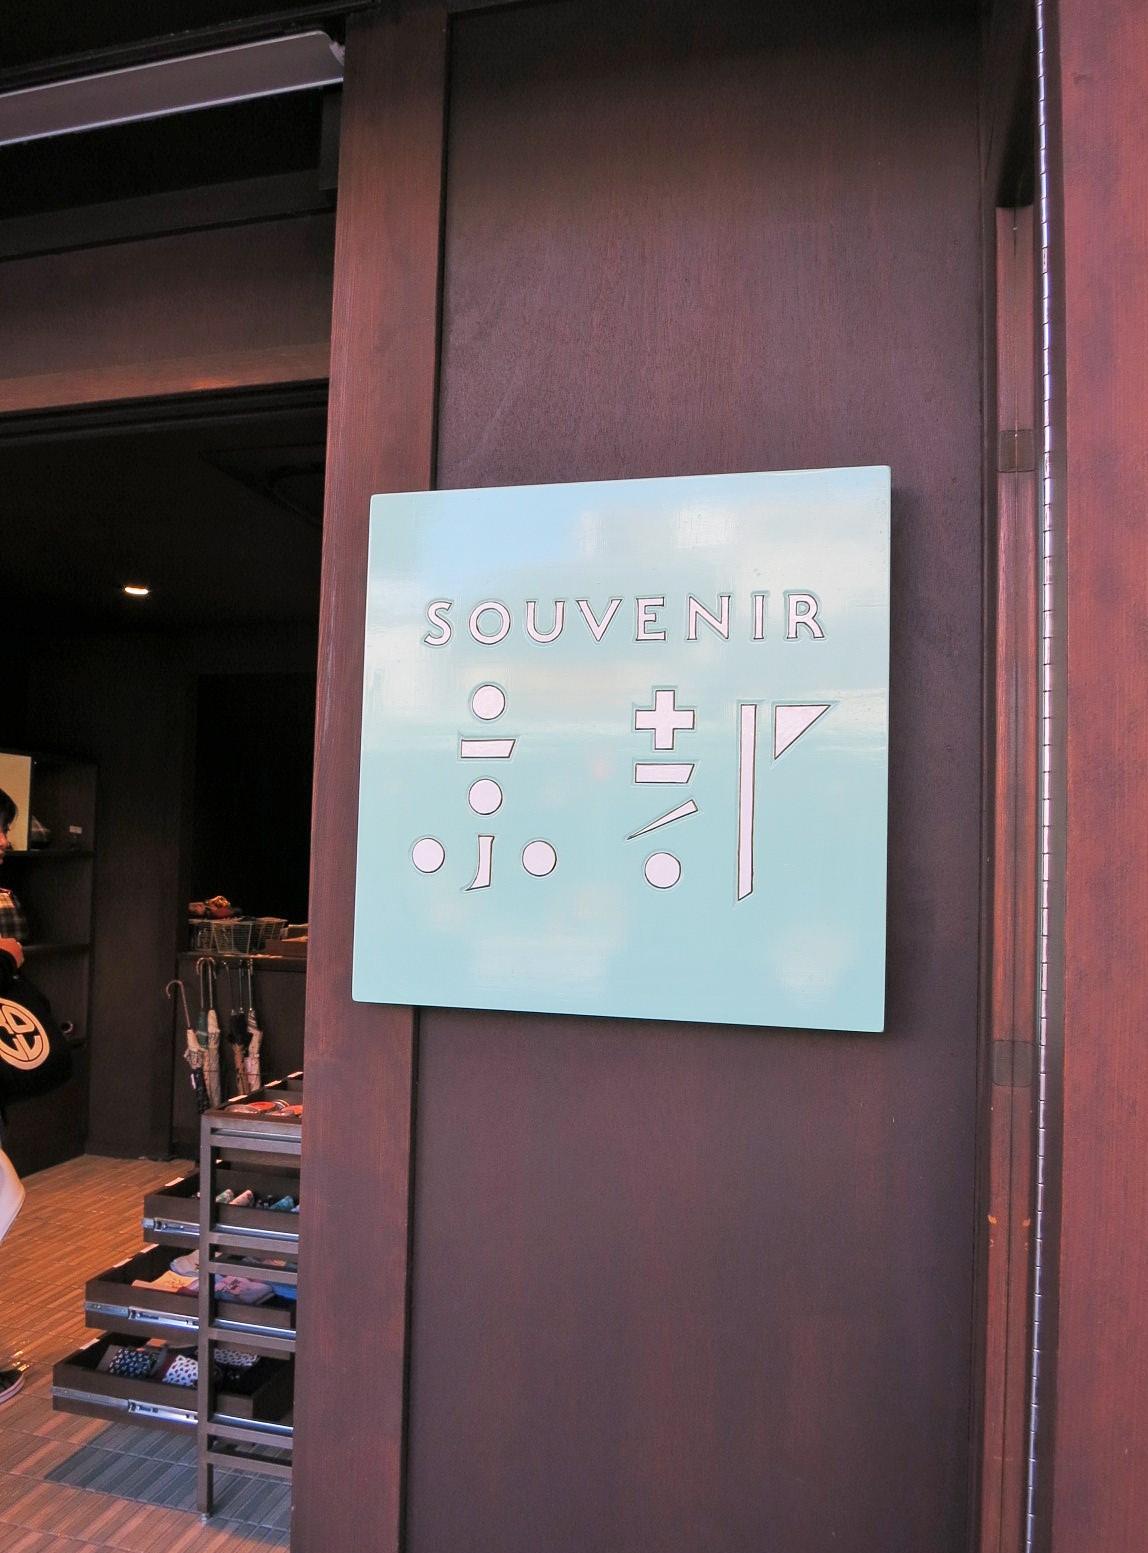 京都で朝活④ 次回の為の覚書き♪_f0236260_17282449.jpg